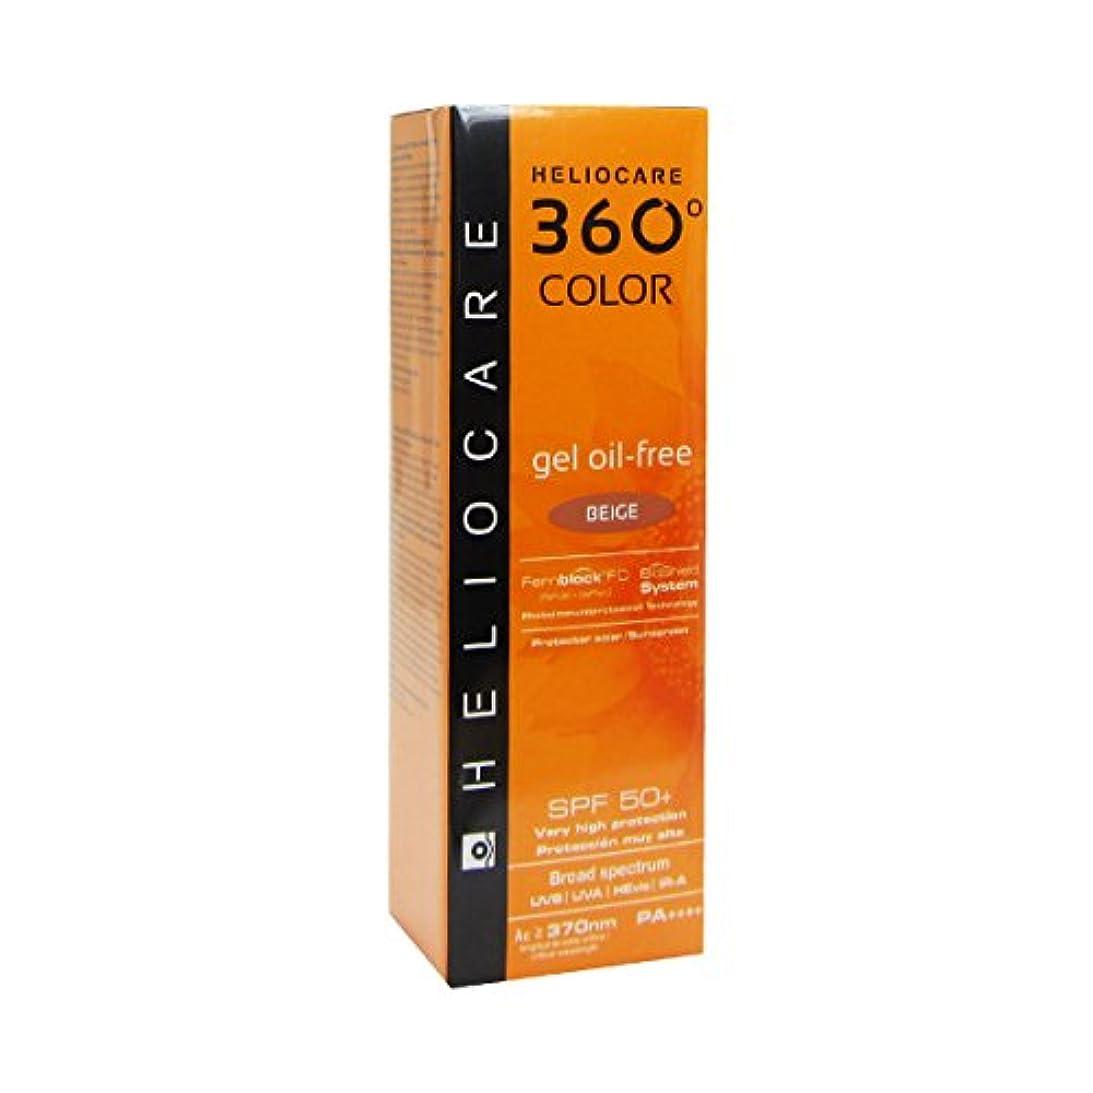 虐殺ライセンス誤解するHeliocare 360 Gel-color Oil-free Spf50 Beige 50ml [並行輸入品]